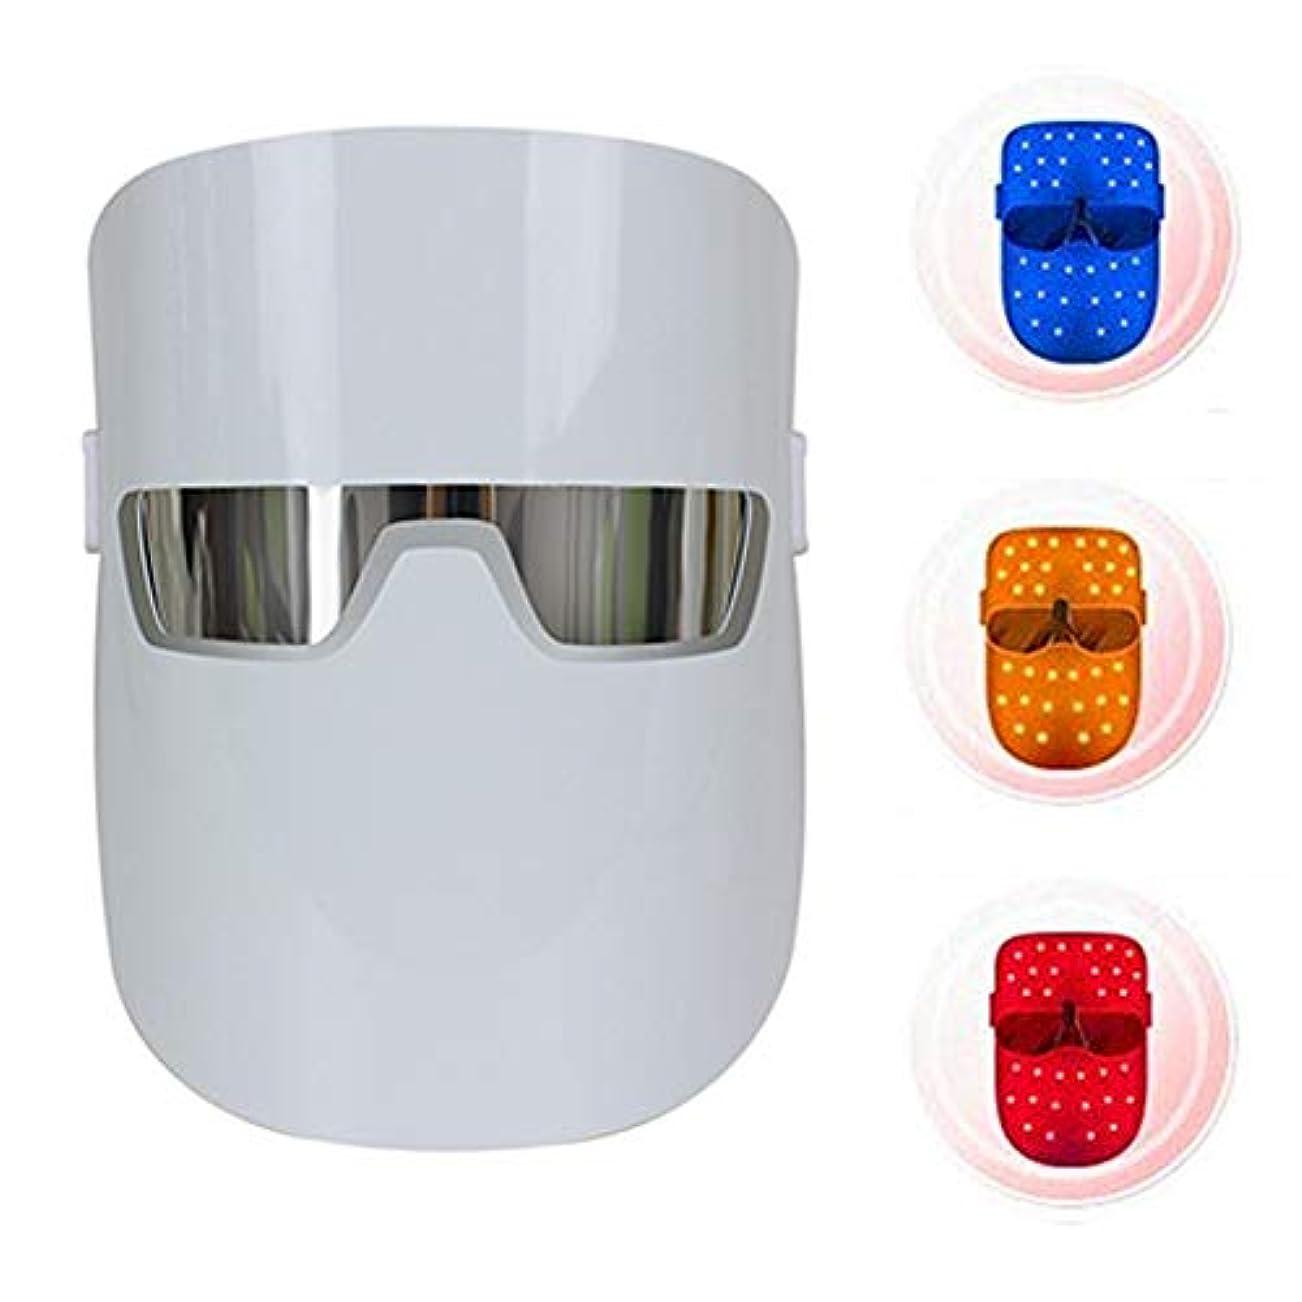 熟した談話サービス美容ライトセラピーフェイスマスク分光器の肌の若返りセラピー明るくしわホワイトニングスキン,2